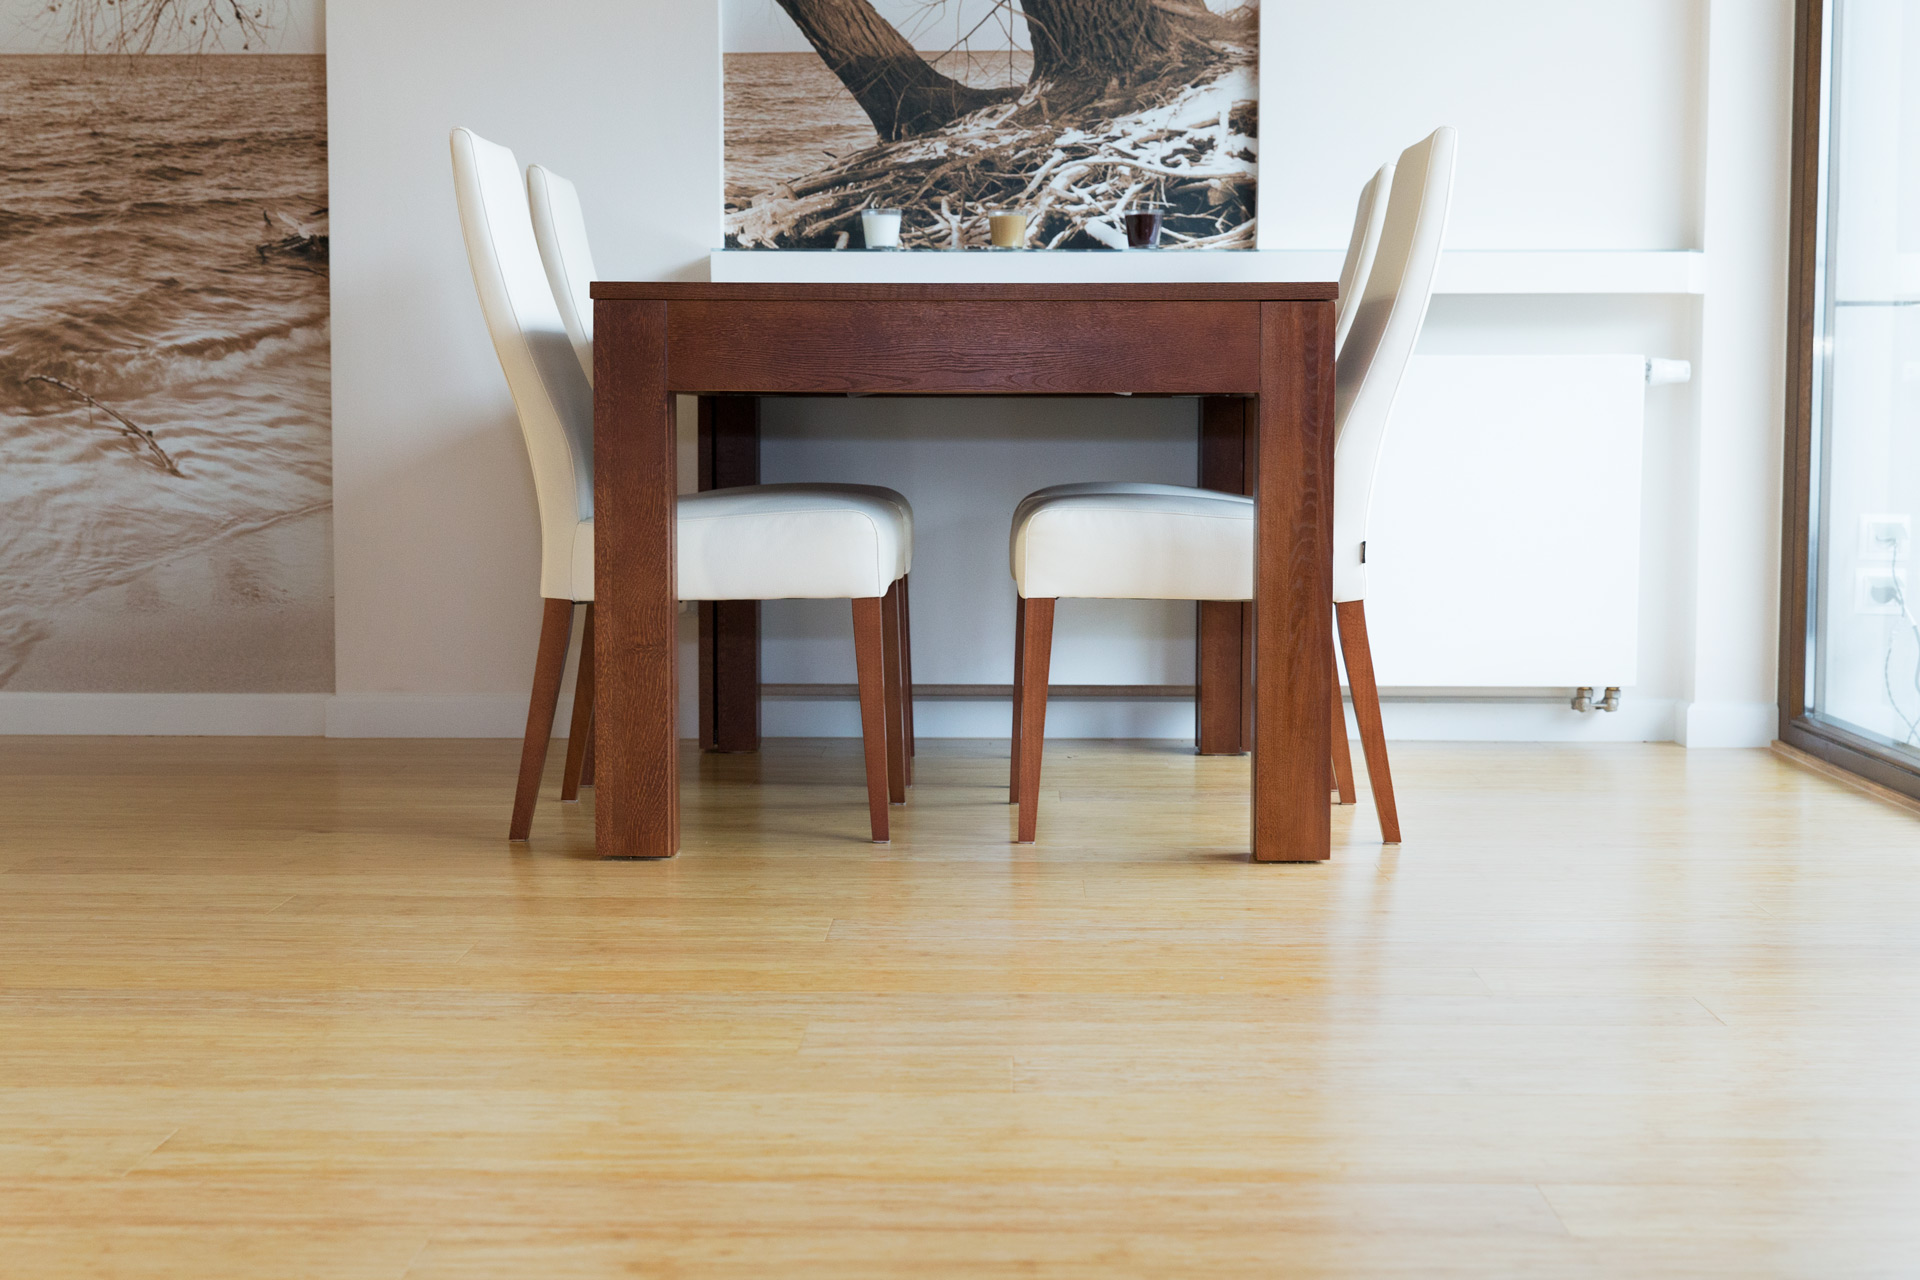 Deska lakierowana – Bambus prasowany naturalny